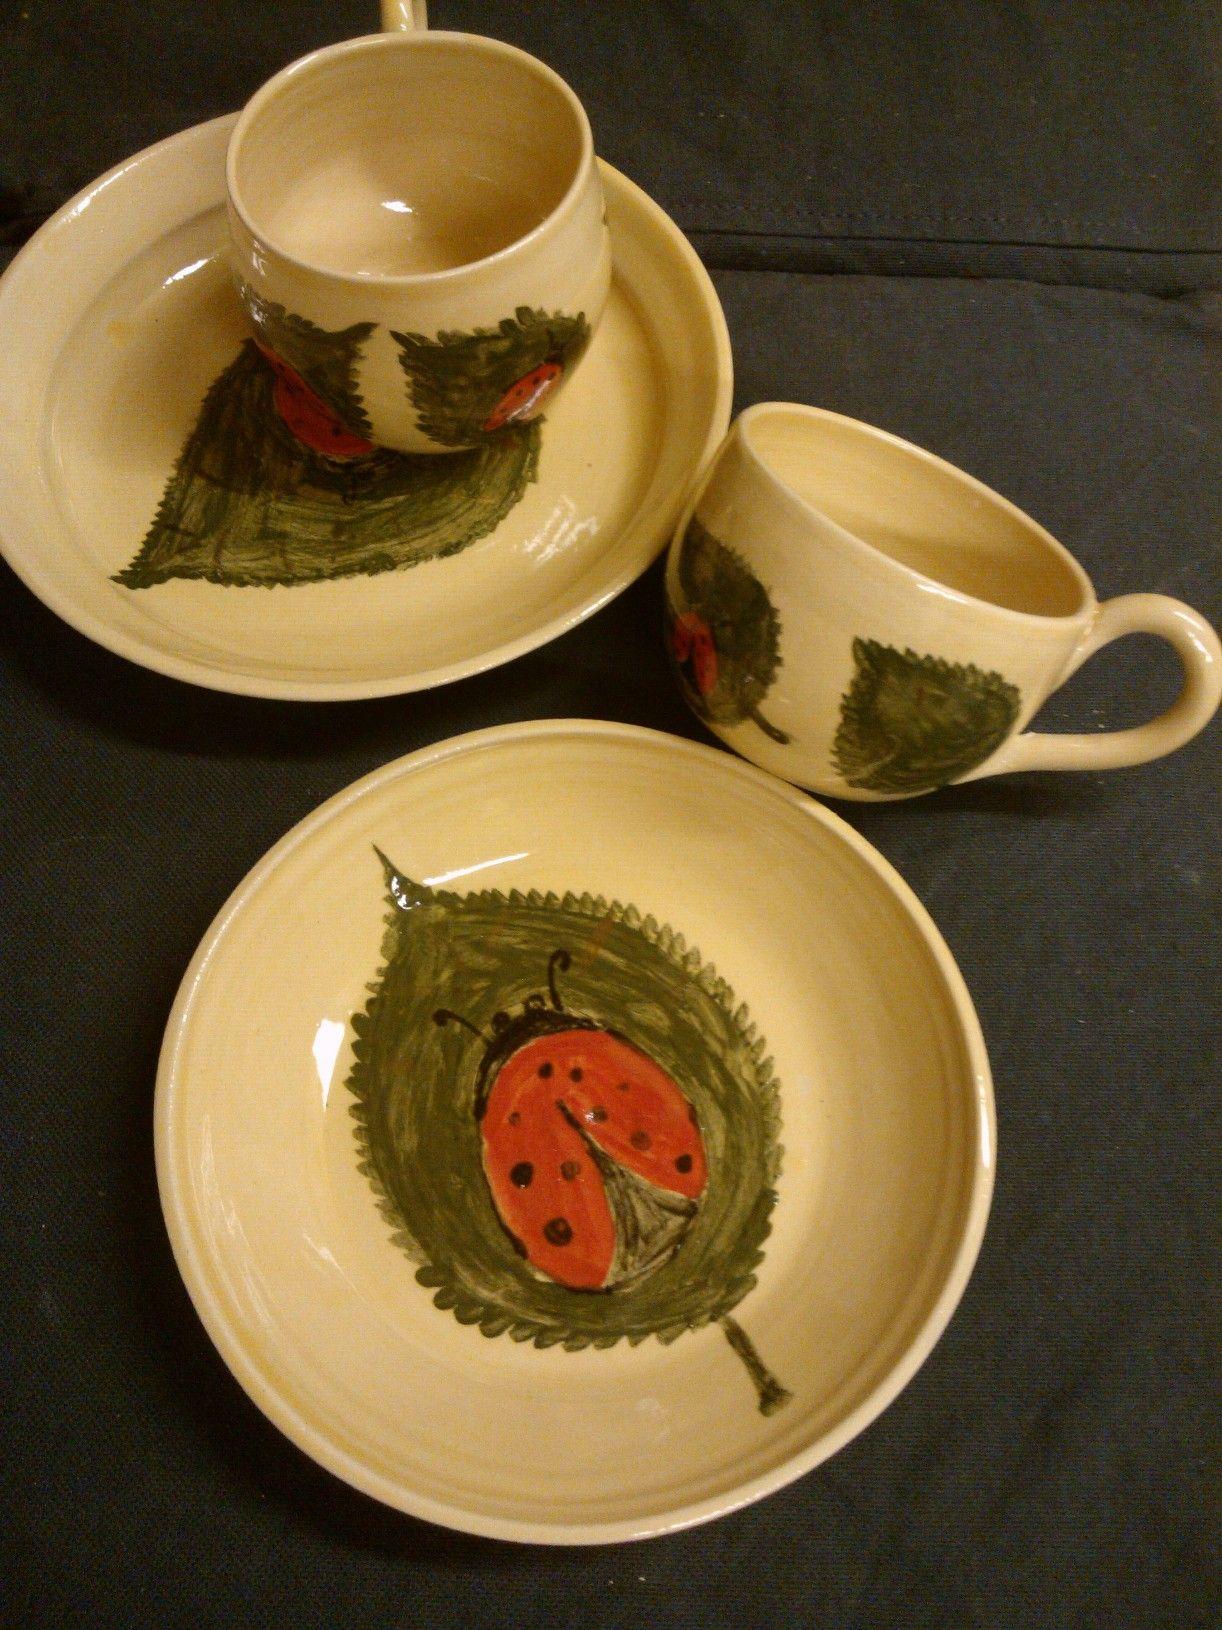 Katicás kerámia készlet / Ceramic set with ladybug